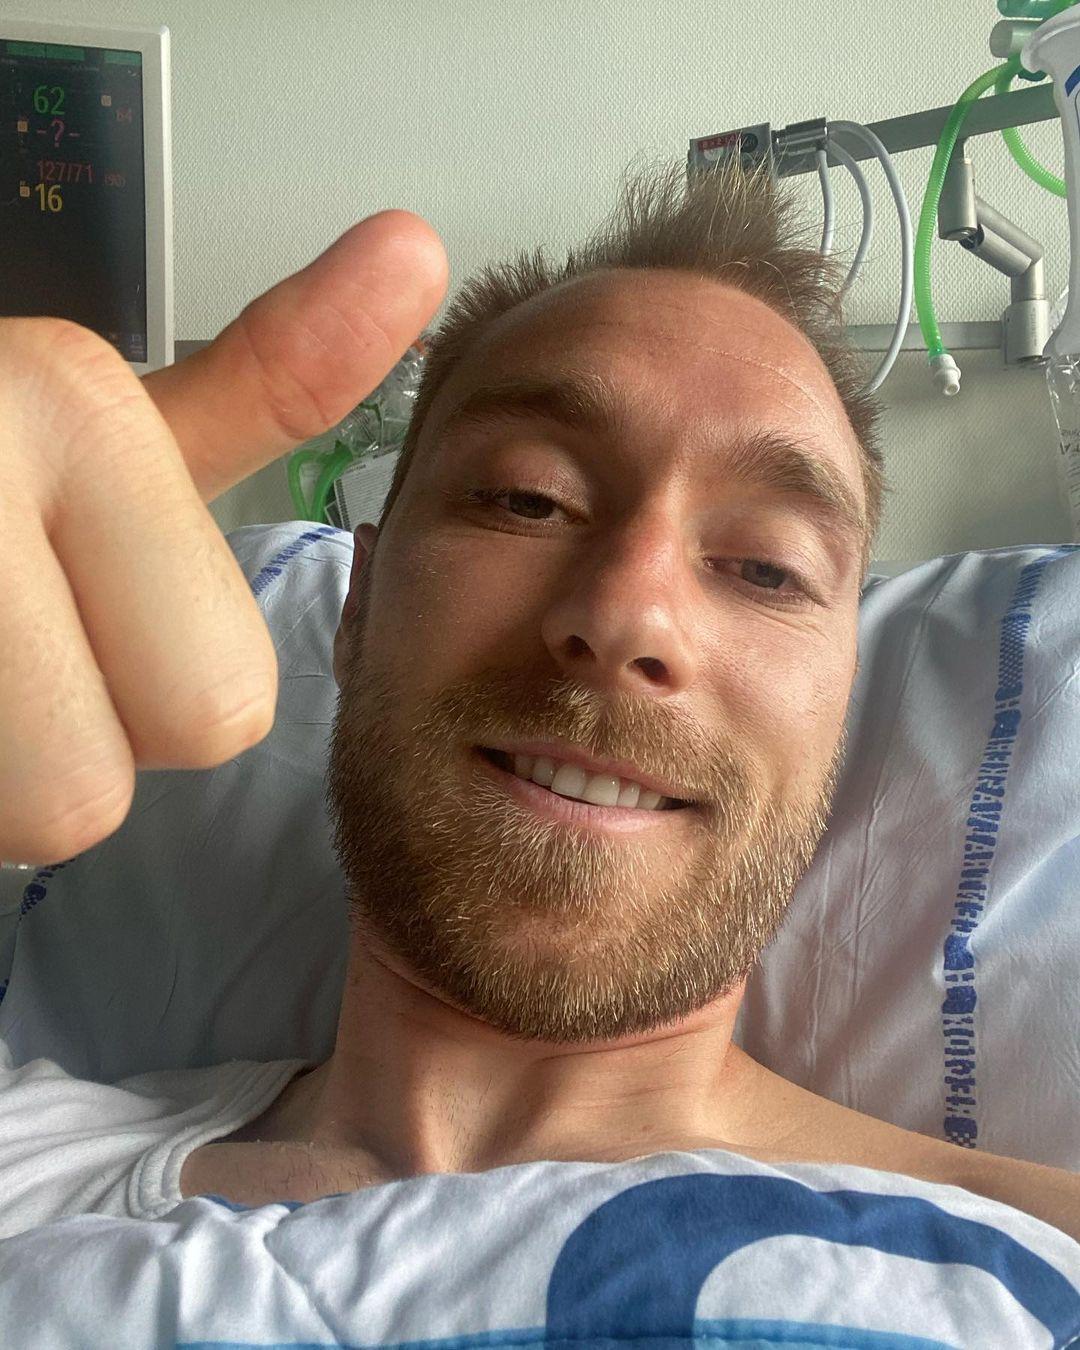 Кристиан Эриксен показывает большой палец